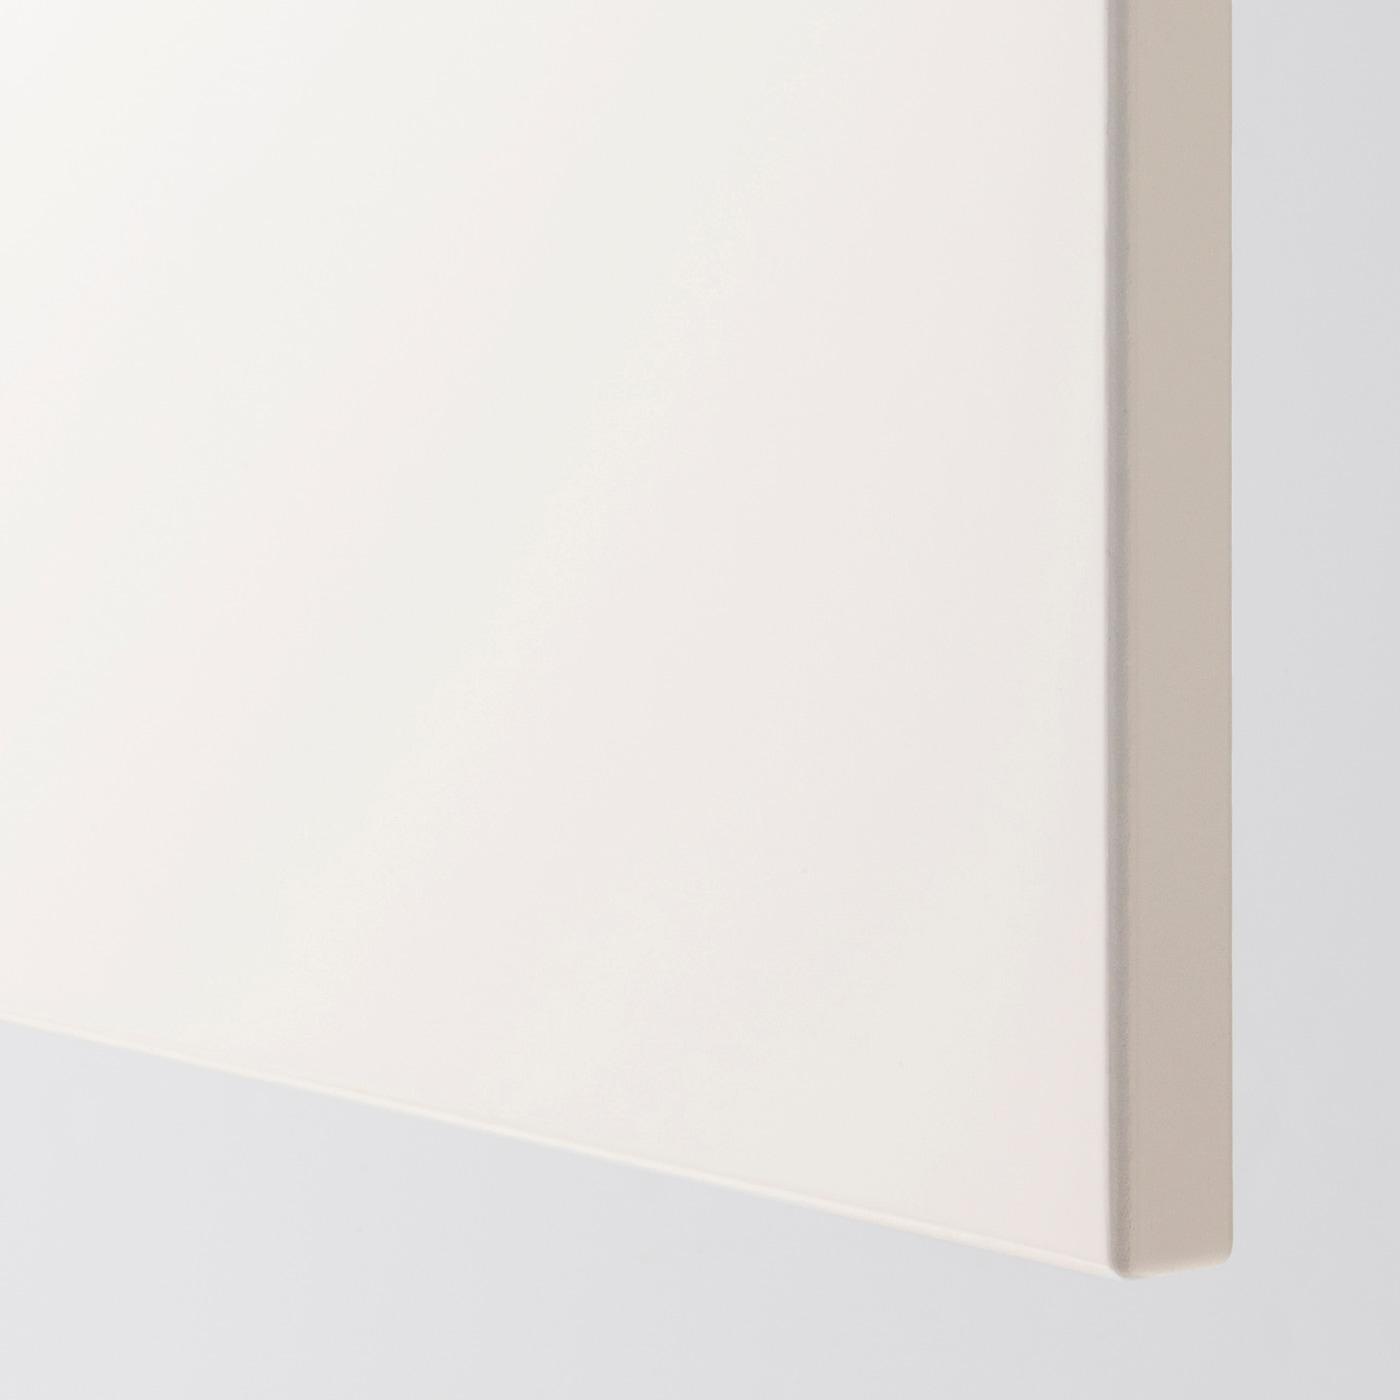 Epaisseur Caisson Cuisine Ikea veddinge porte - blanc 60x80 cm